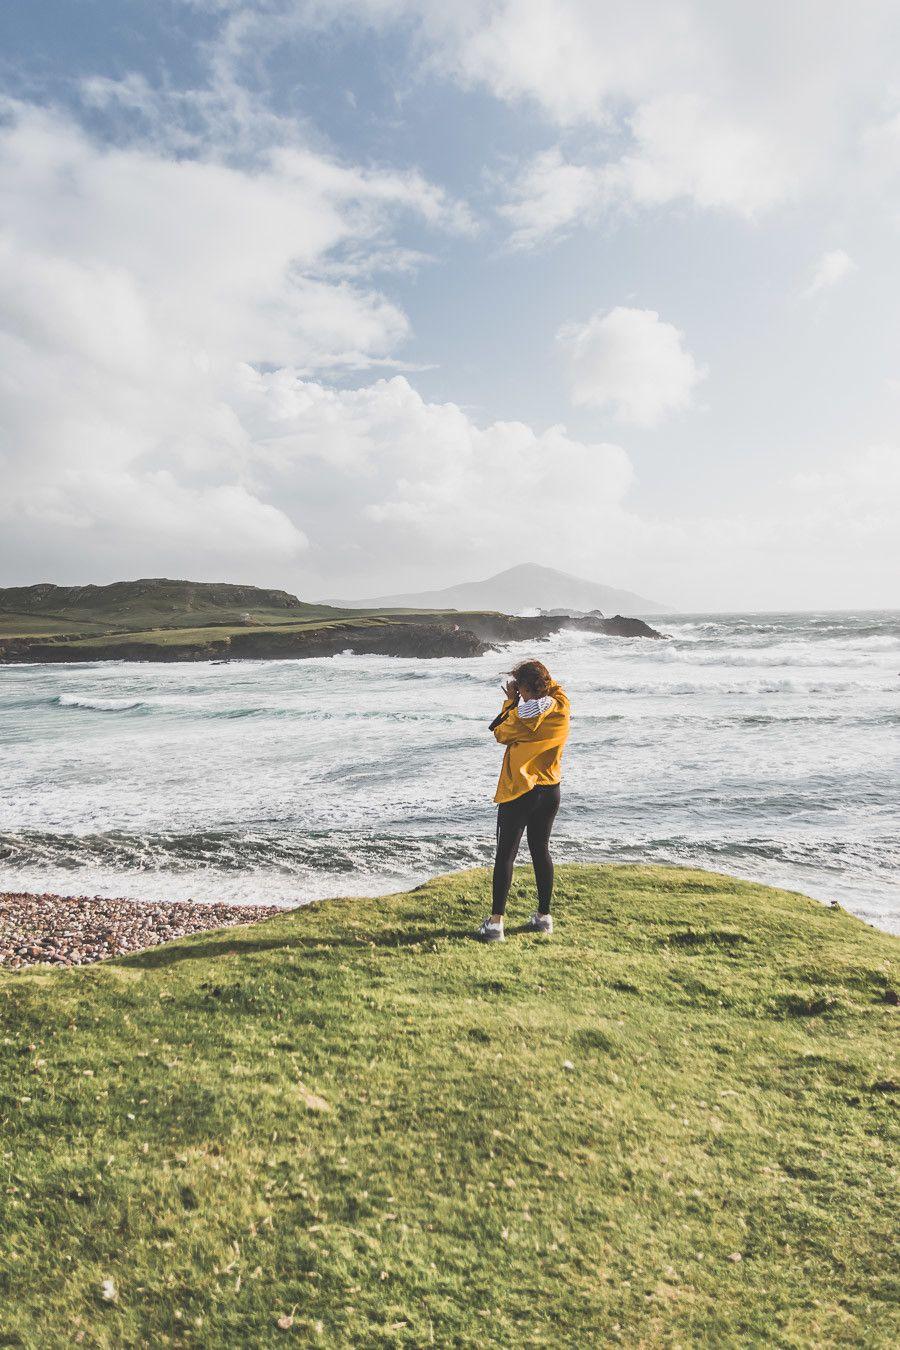 Paysage magnifique sur l'île d'Achill Islande